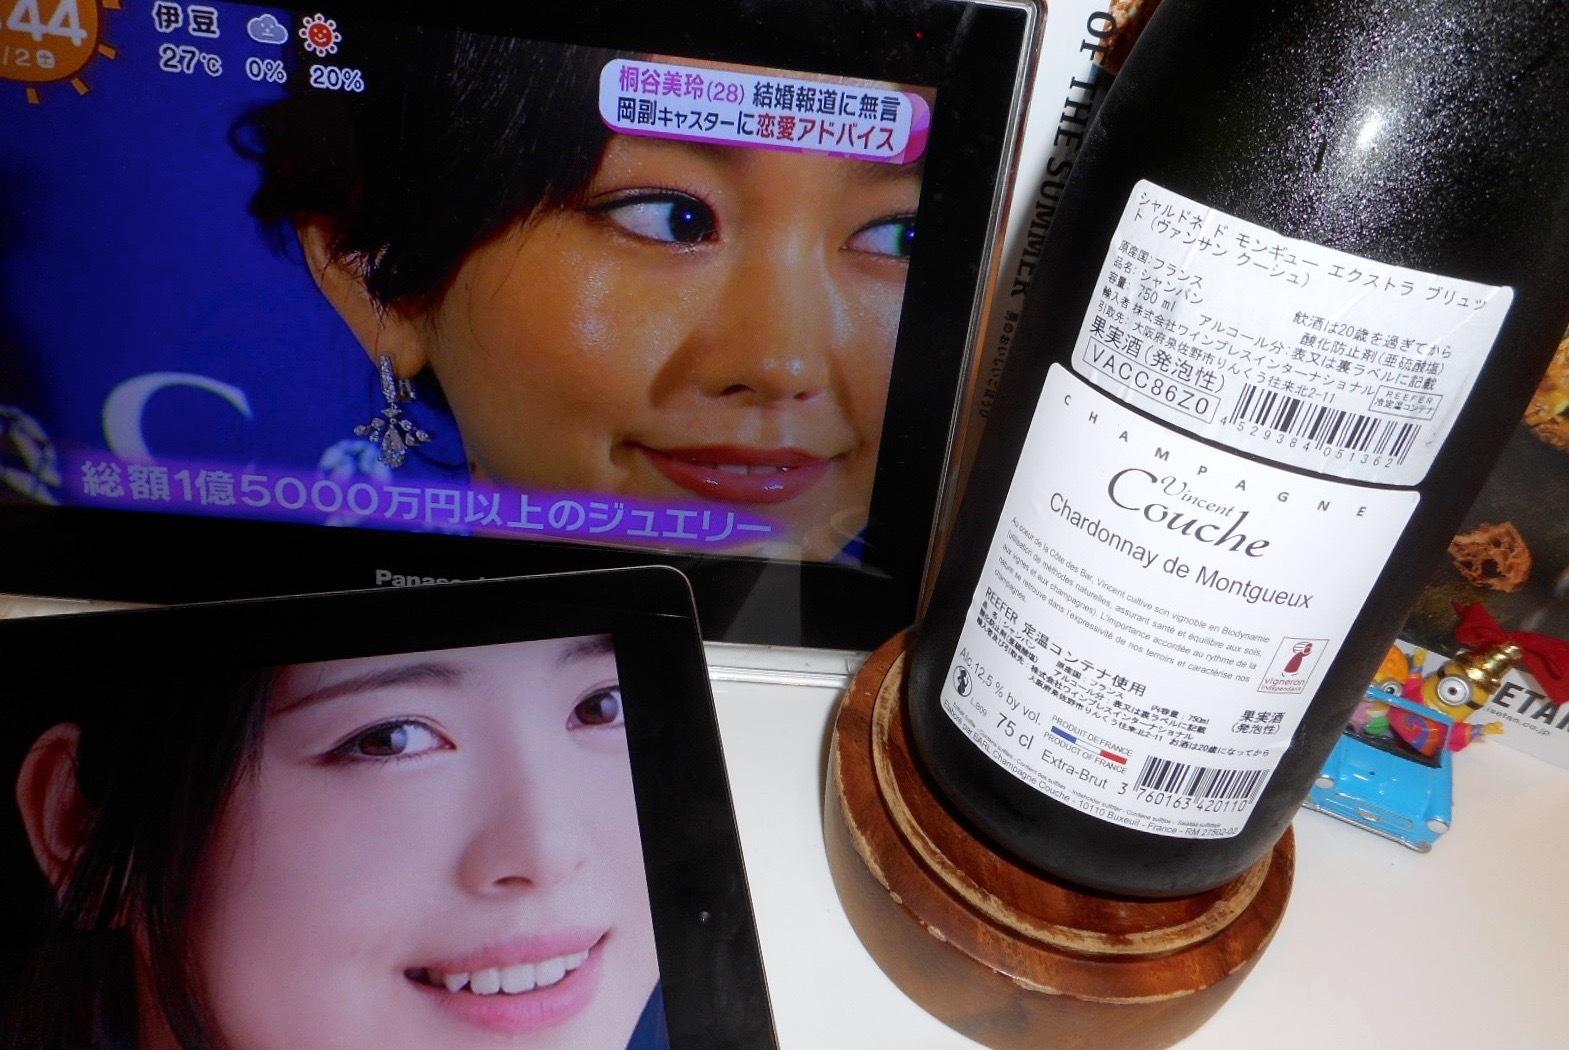 浜辺美波最強論vs桐谷美玲3